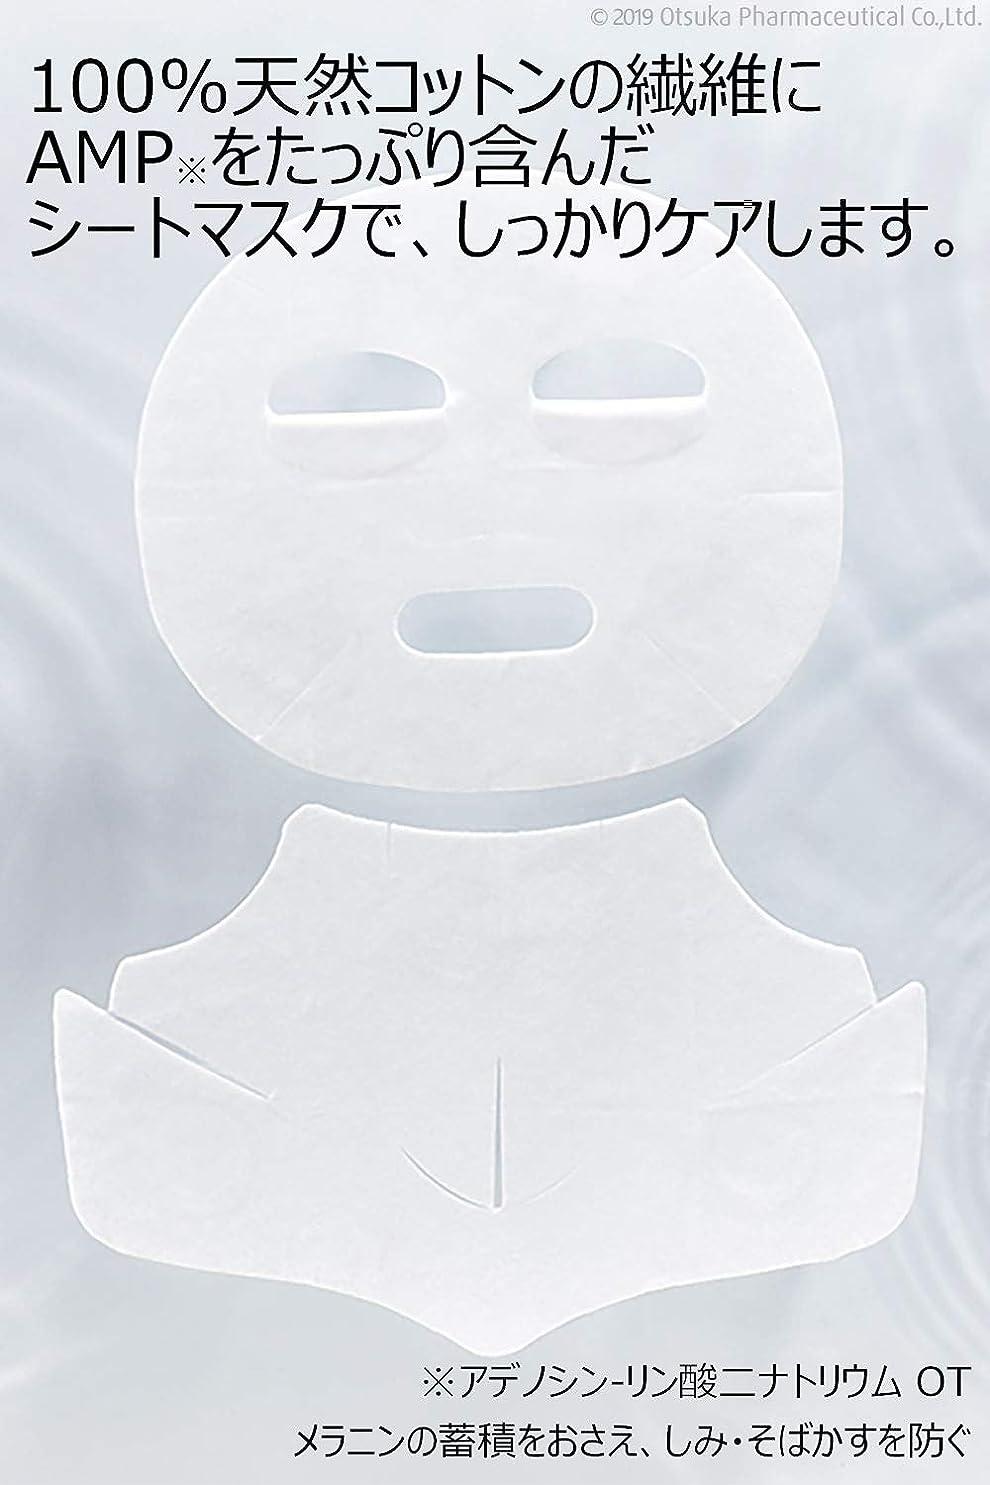 見込み樹木アクティブ大塚製薬 【医薬部外品】 インナーシグナル クリアアップ マスク 4セット (顔+デコルテ用)50541